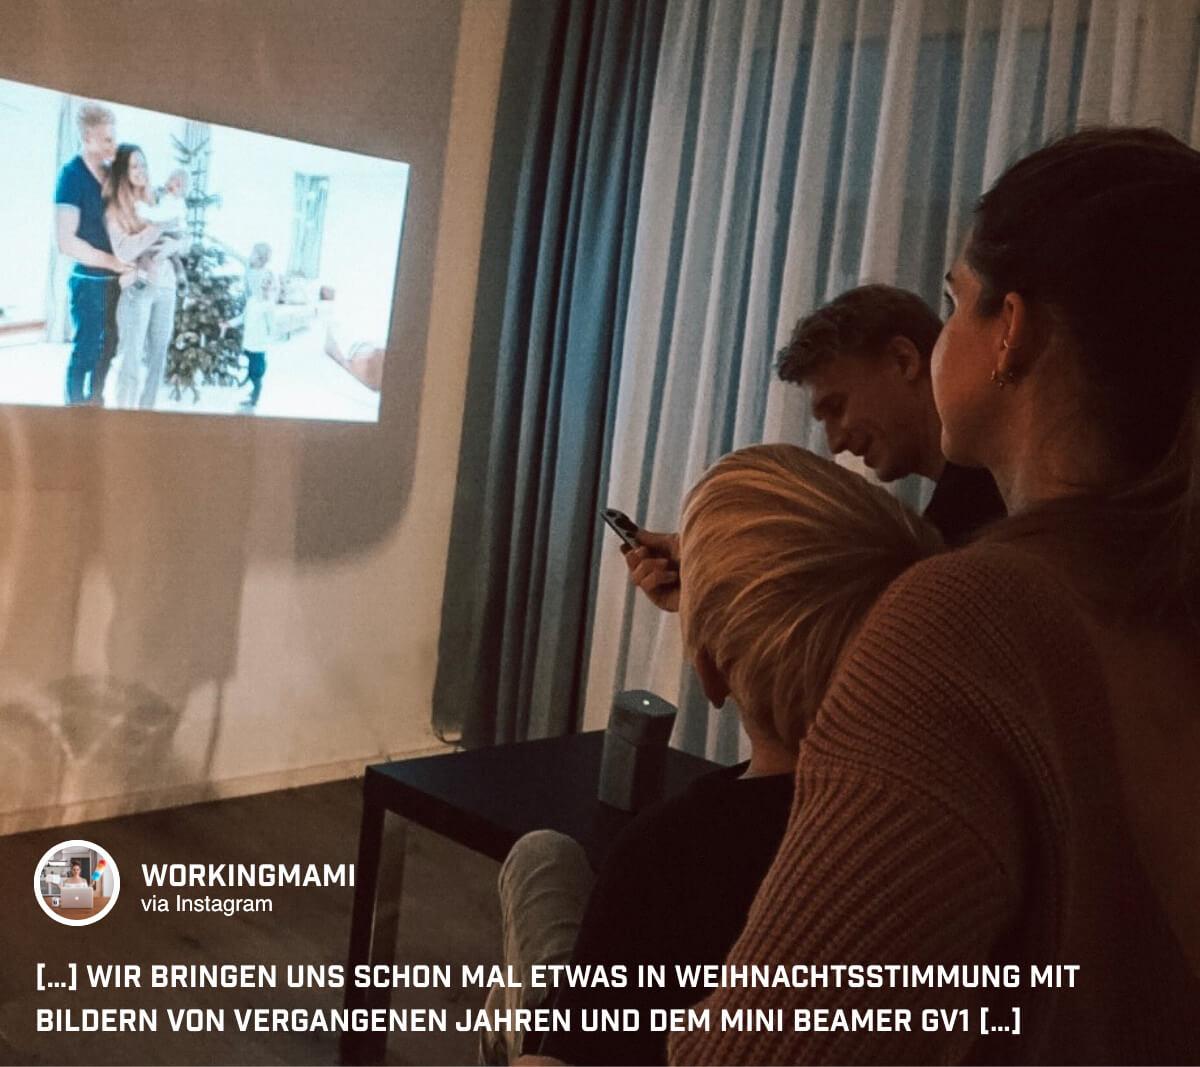 @workingmami streamt beim Familienabend alte Fotos mit dem GV1 von BenQ an die Wohnzimmerwand.